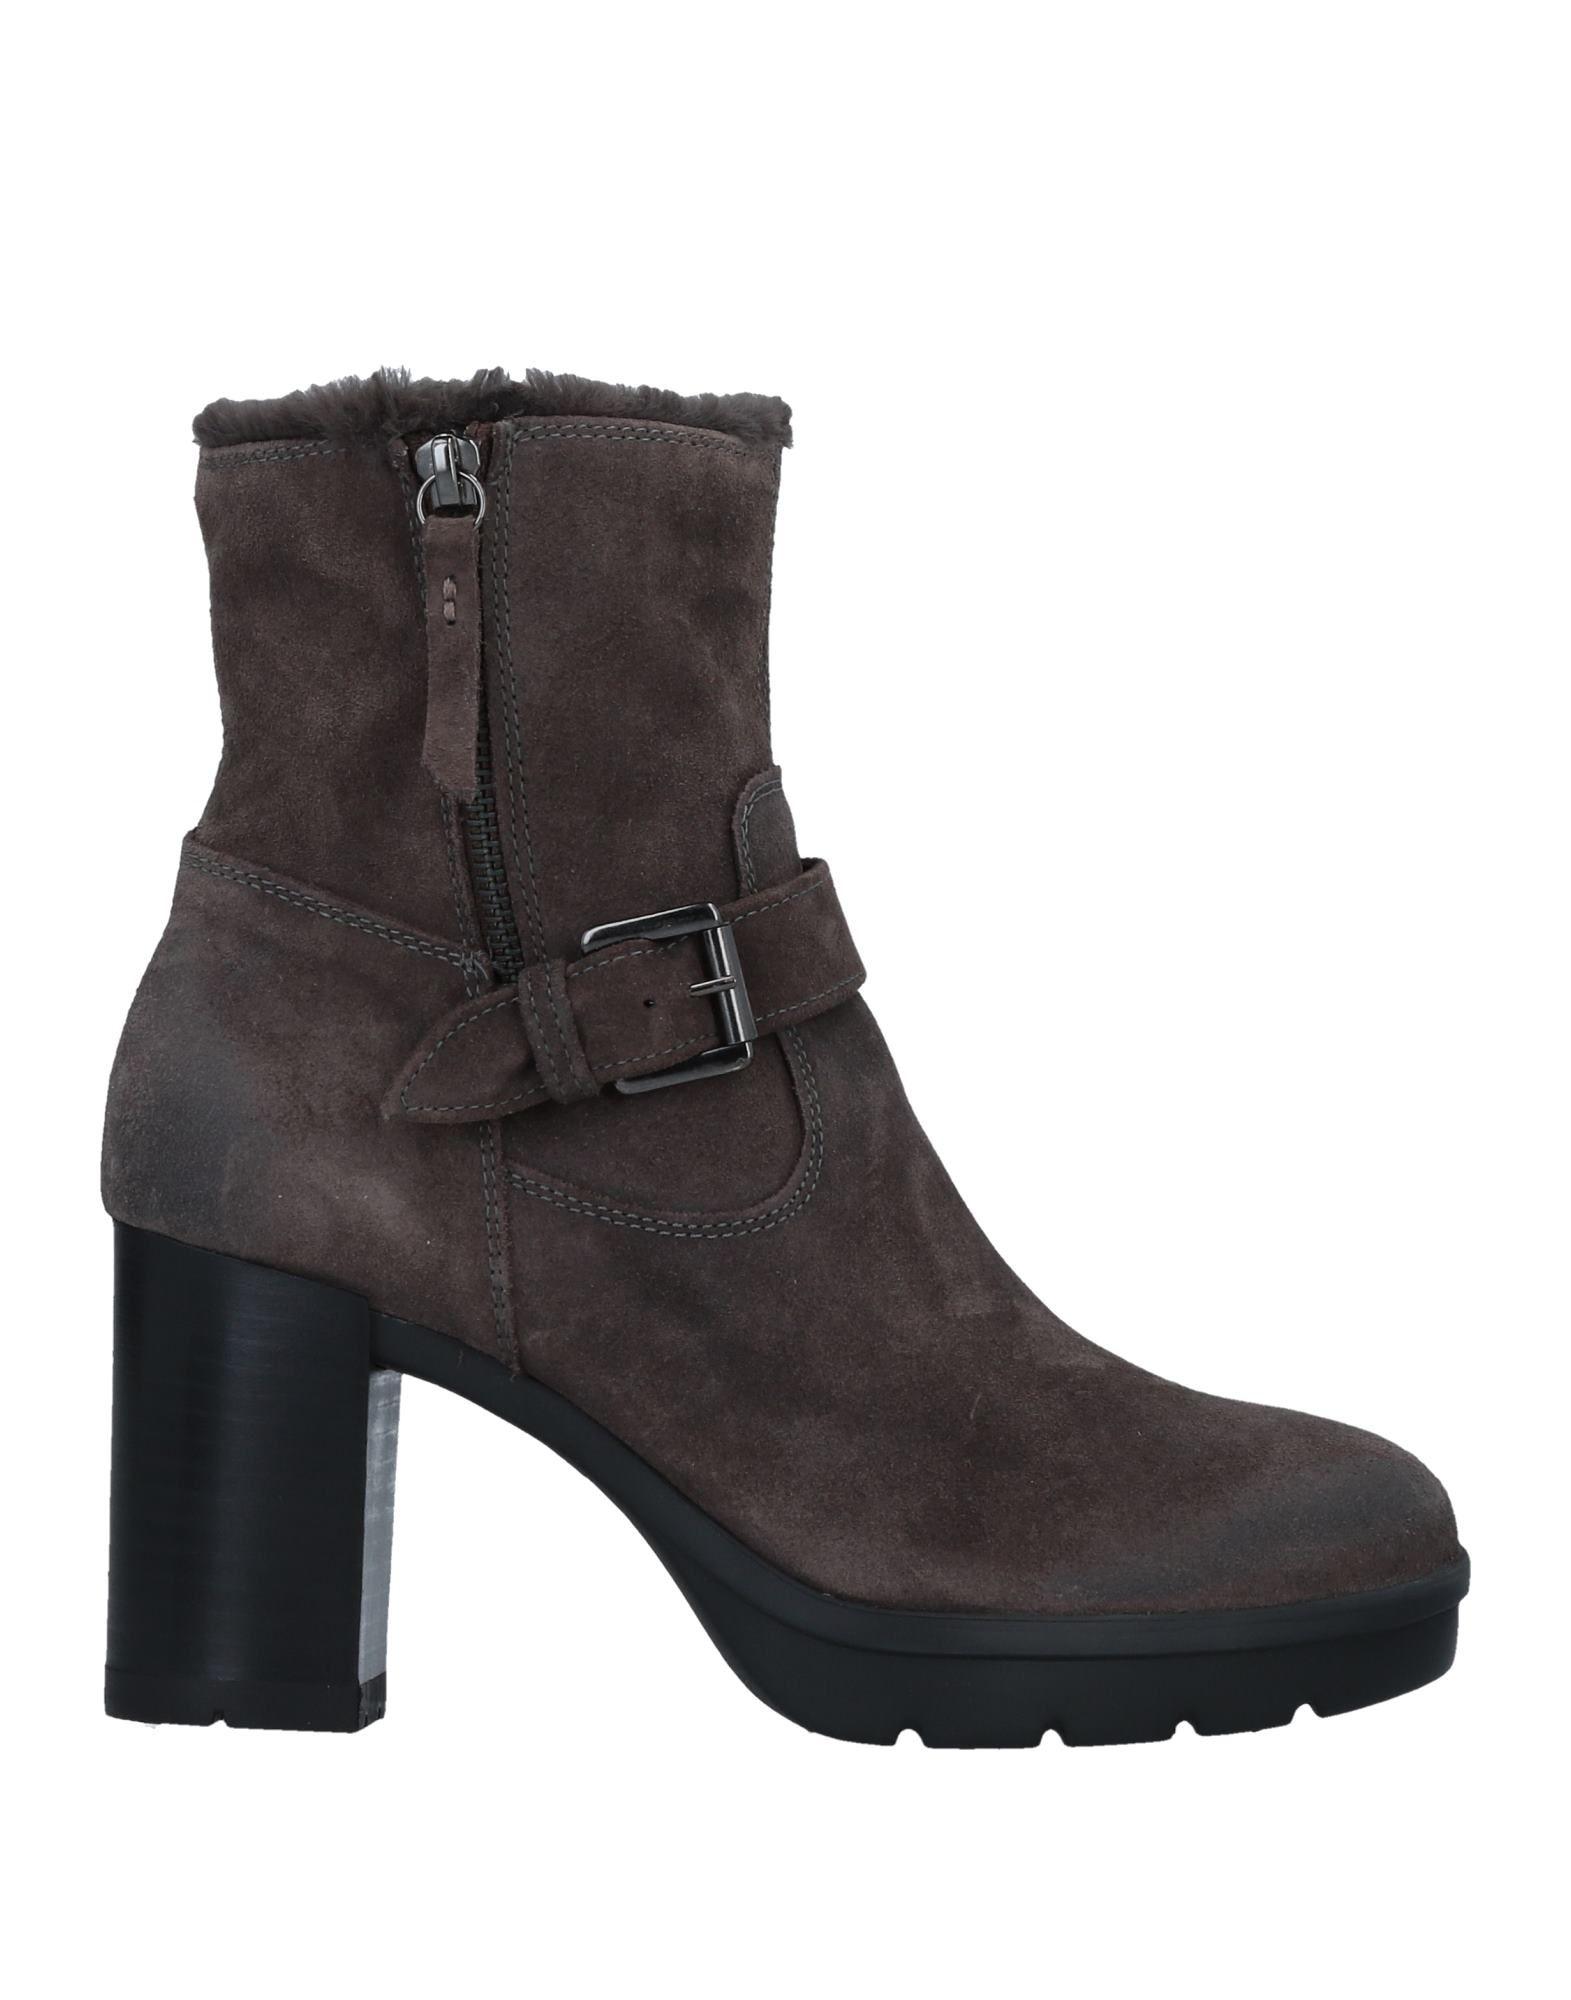 Bottine Geox Femme - Bottines Geox Noir Nouvelles chaussures pour hommes et femmes, remise limitée dans le temps